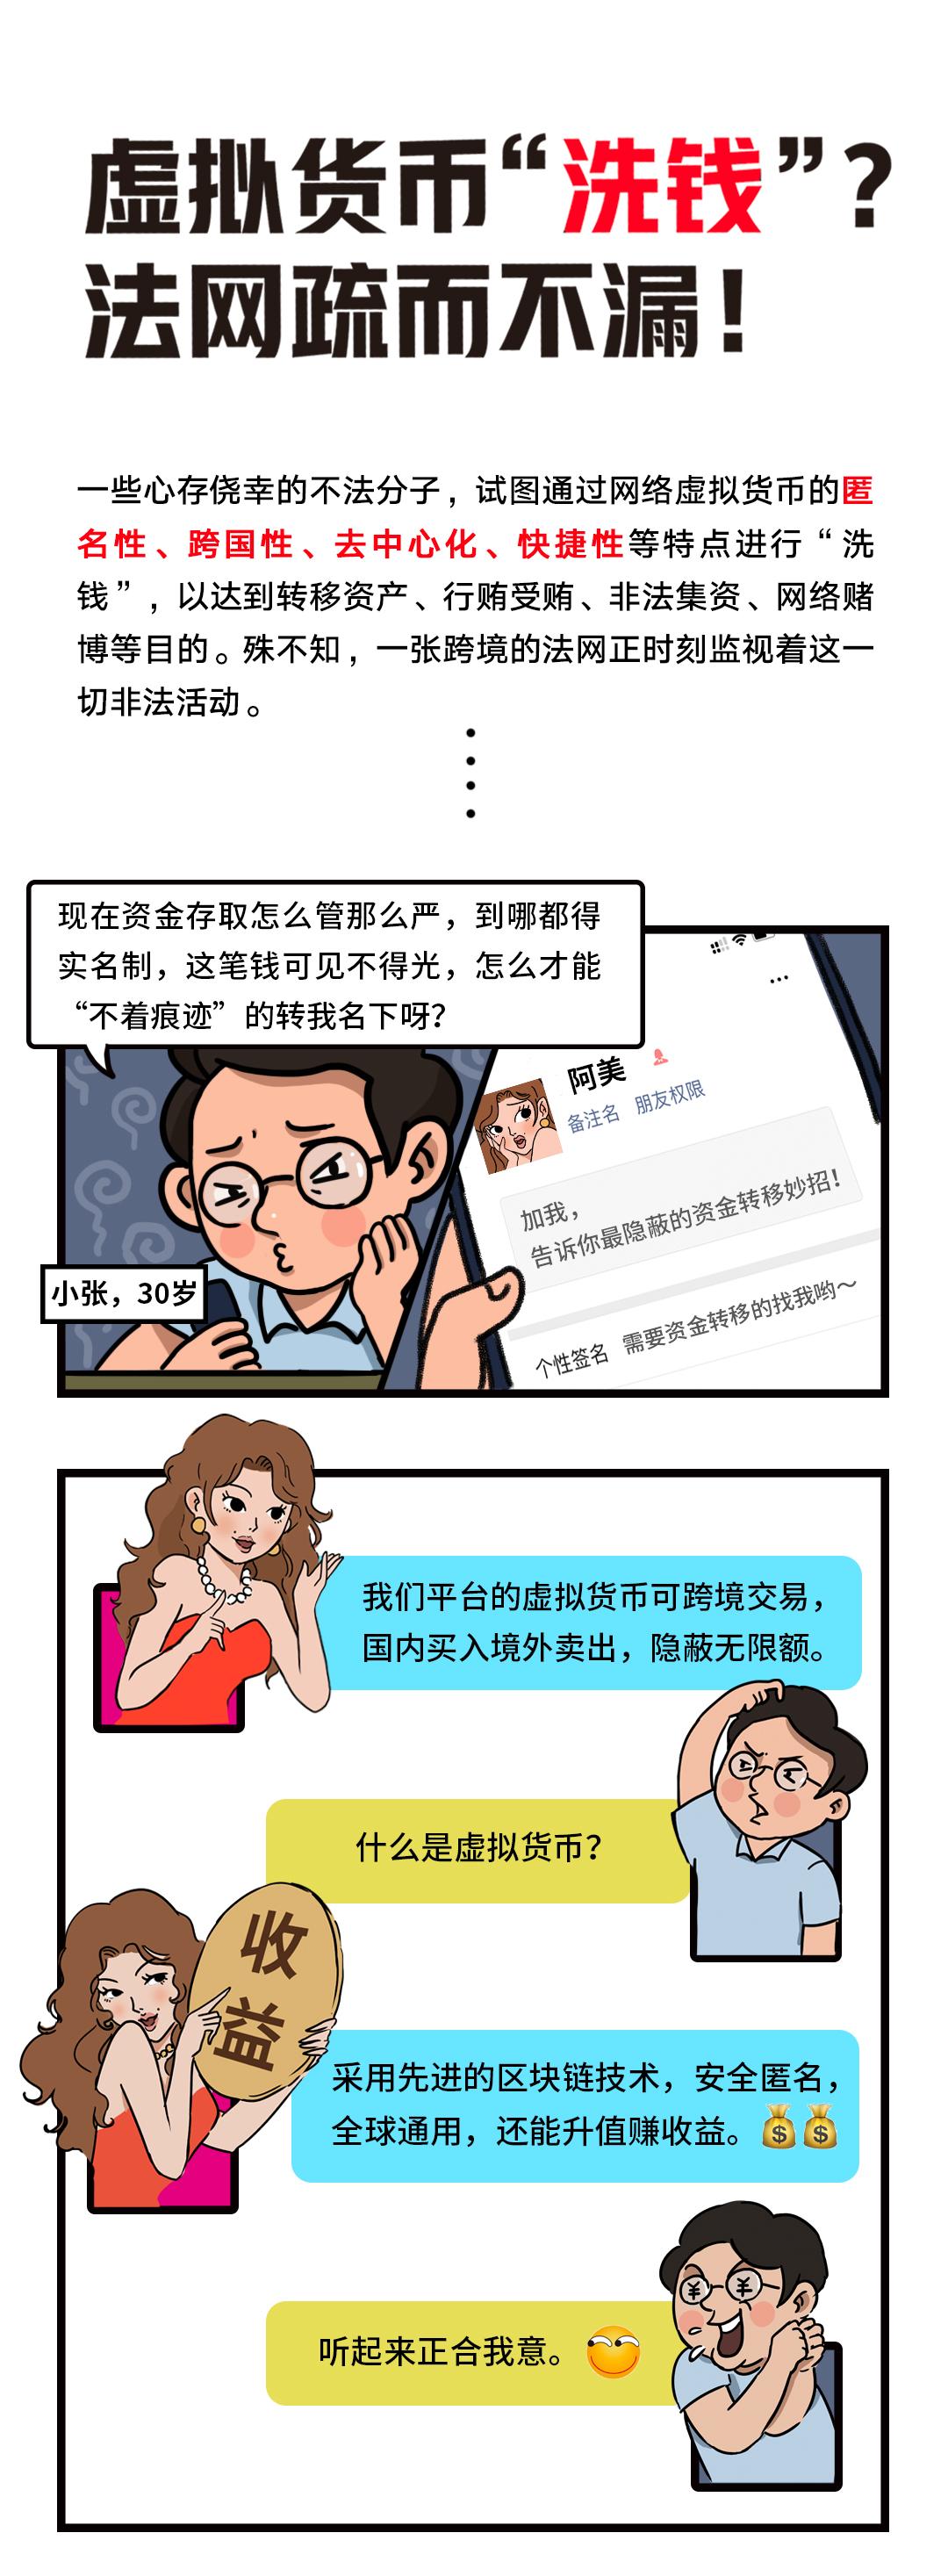 """反洗钱小课堂④:虚拟货币""""洗钱""""?法网疏而不漏!"""